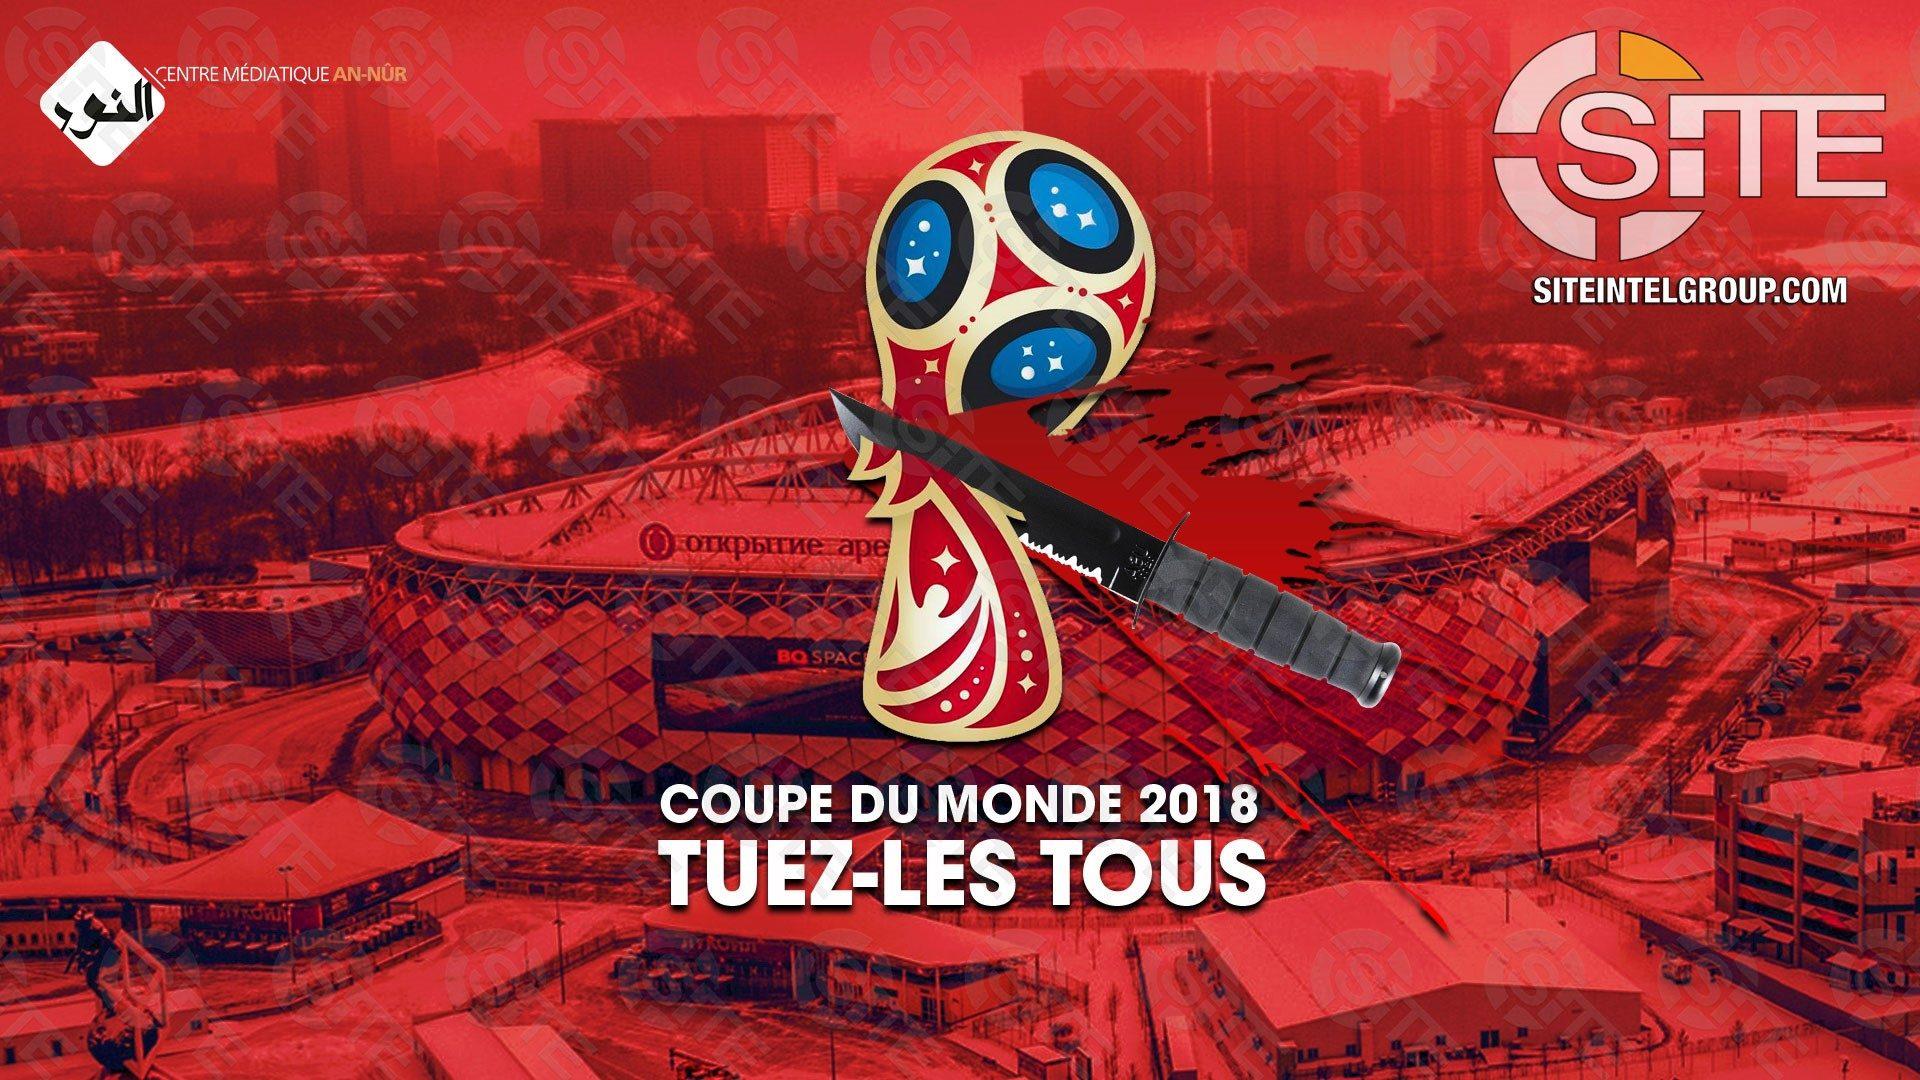 La propaganda jihadista incita i suoi seguaci ad attaccare durante i campionati del mondo di calcio in Russia (Site)